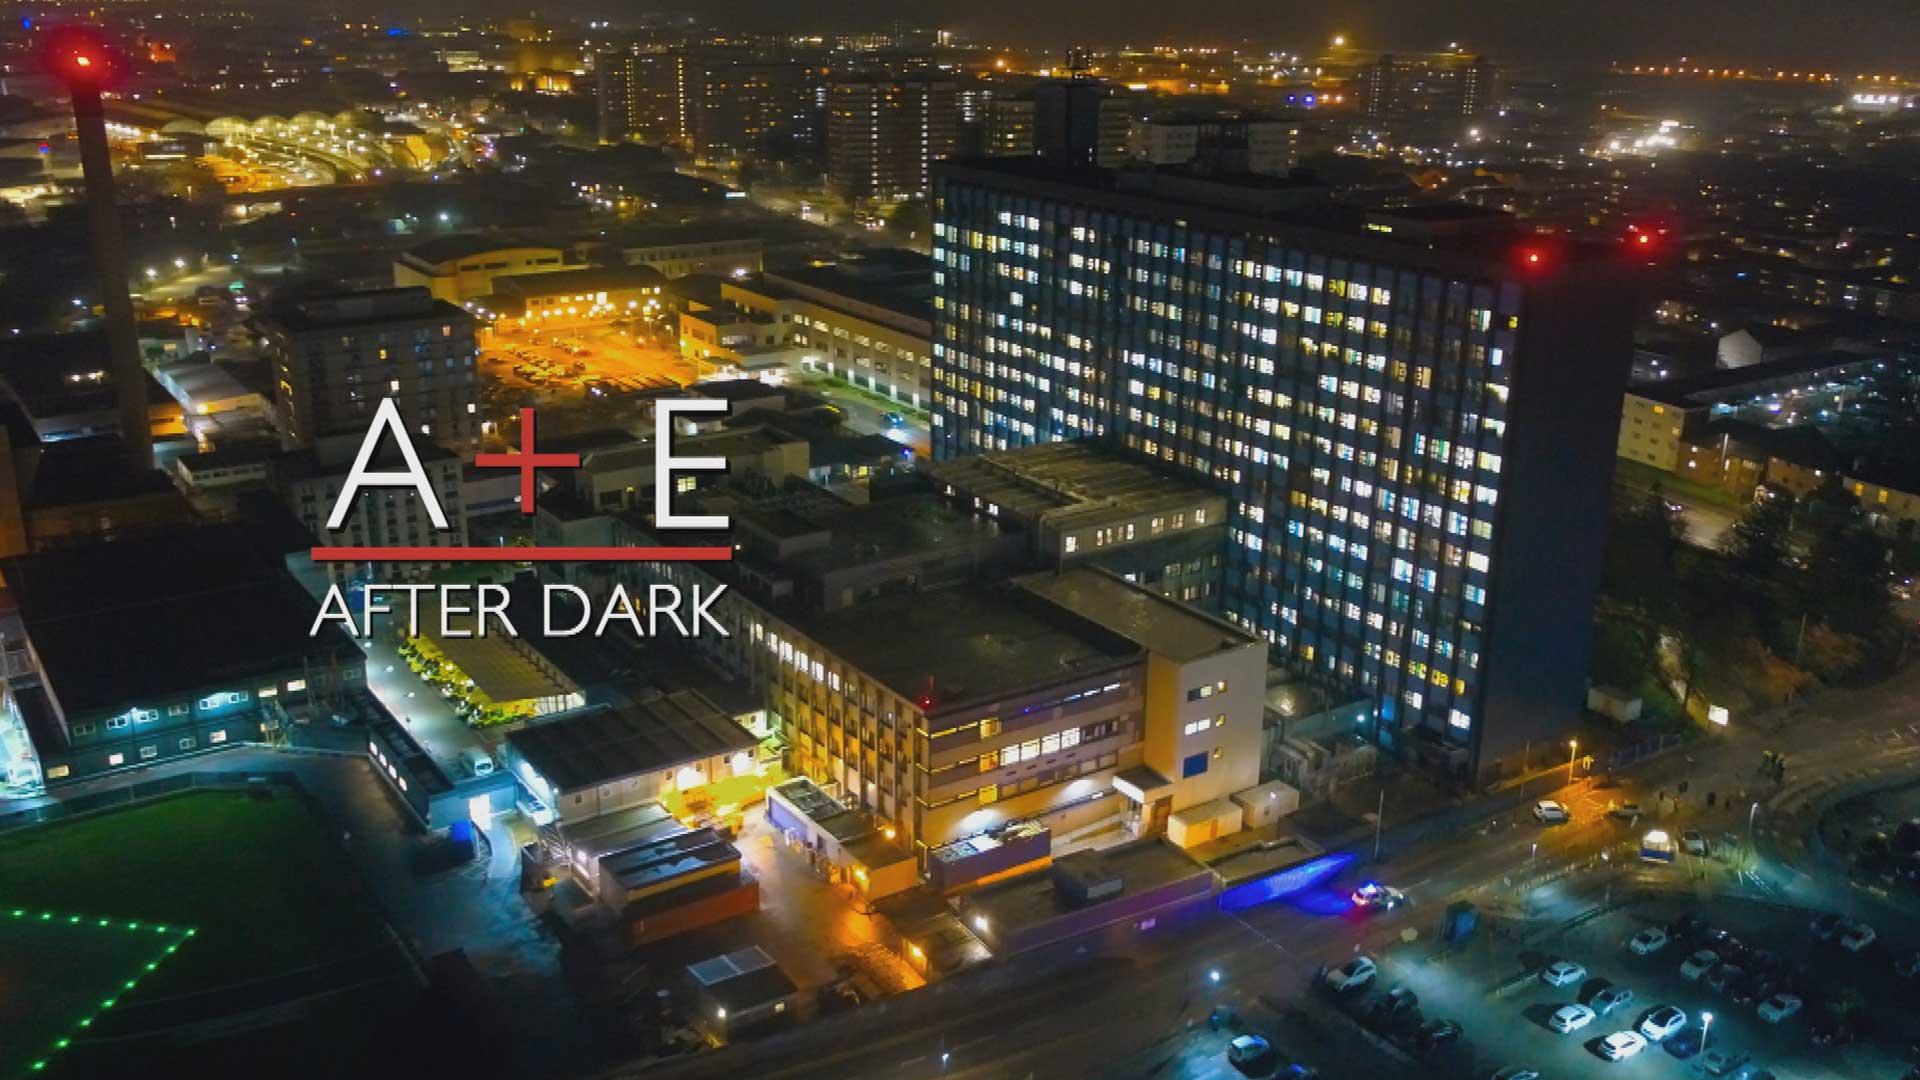 A&E After Dark (Series 2)